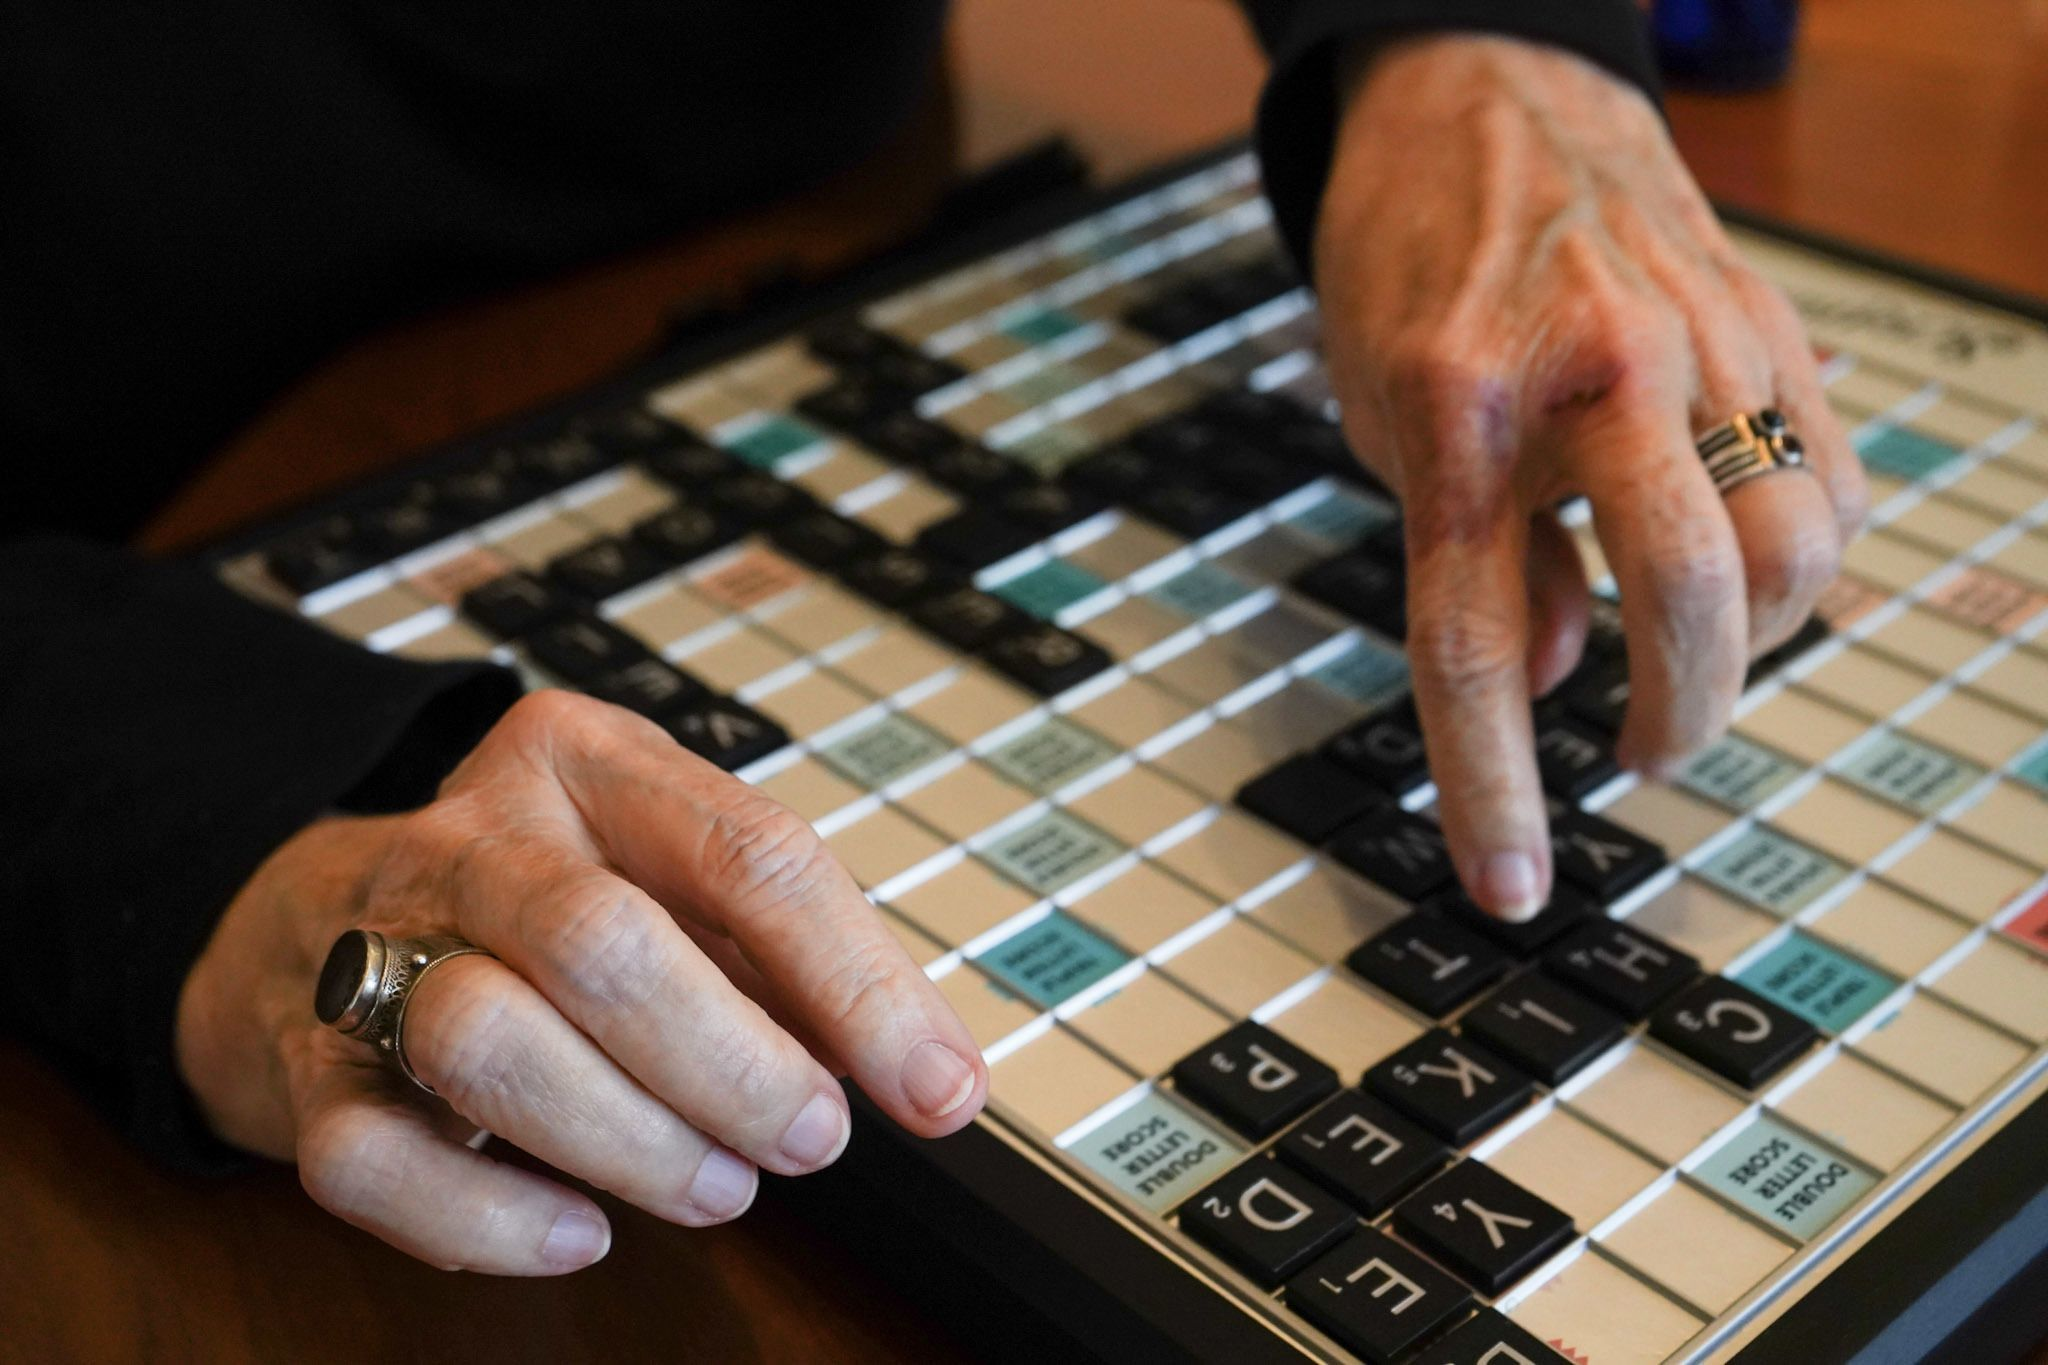 Scrabble board (get it? for the borard?)